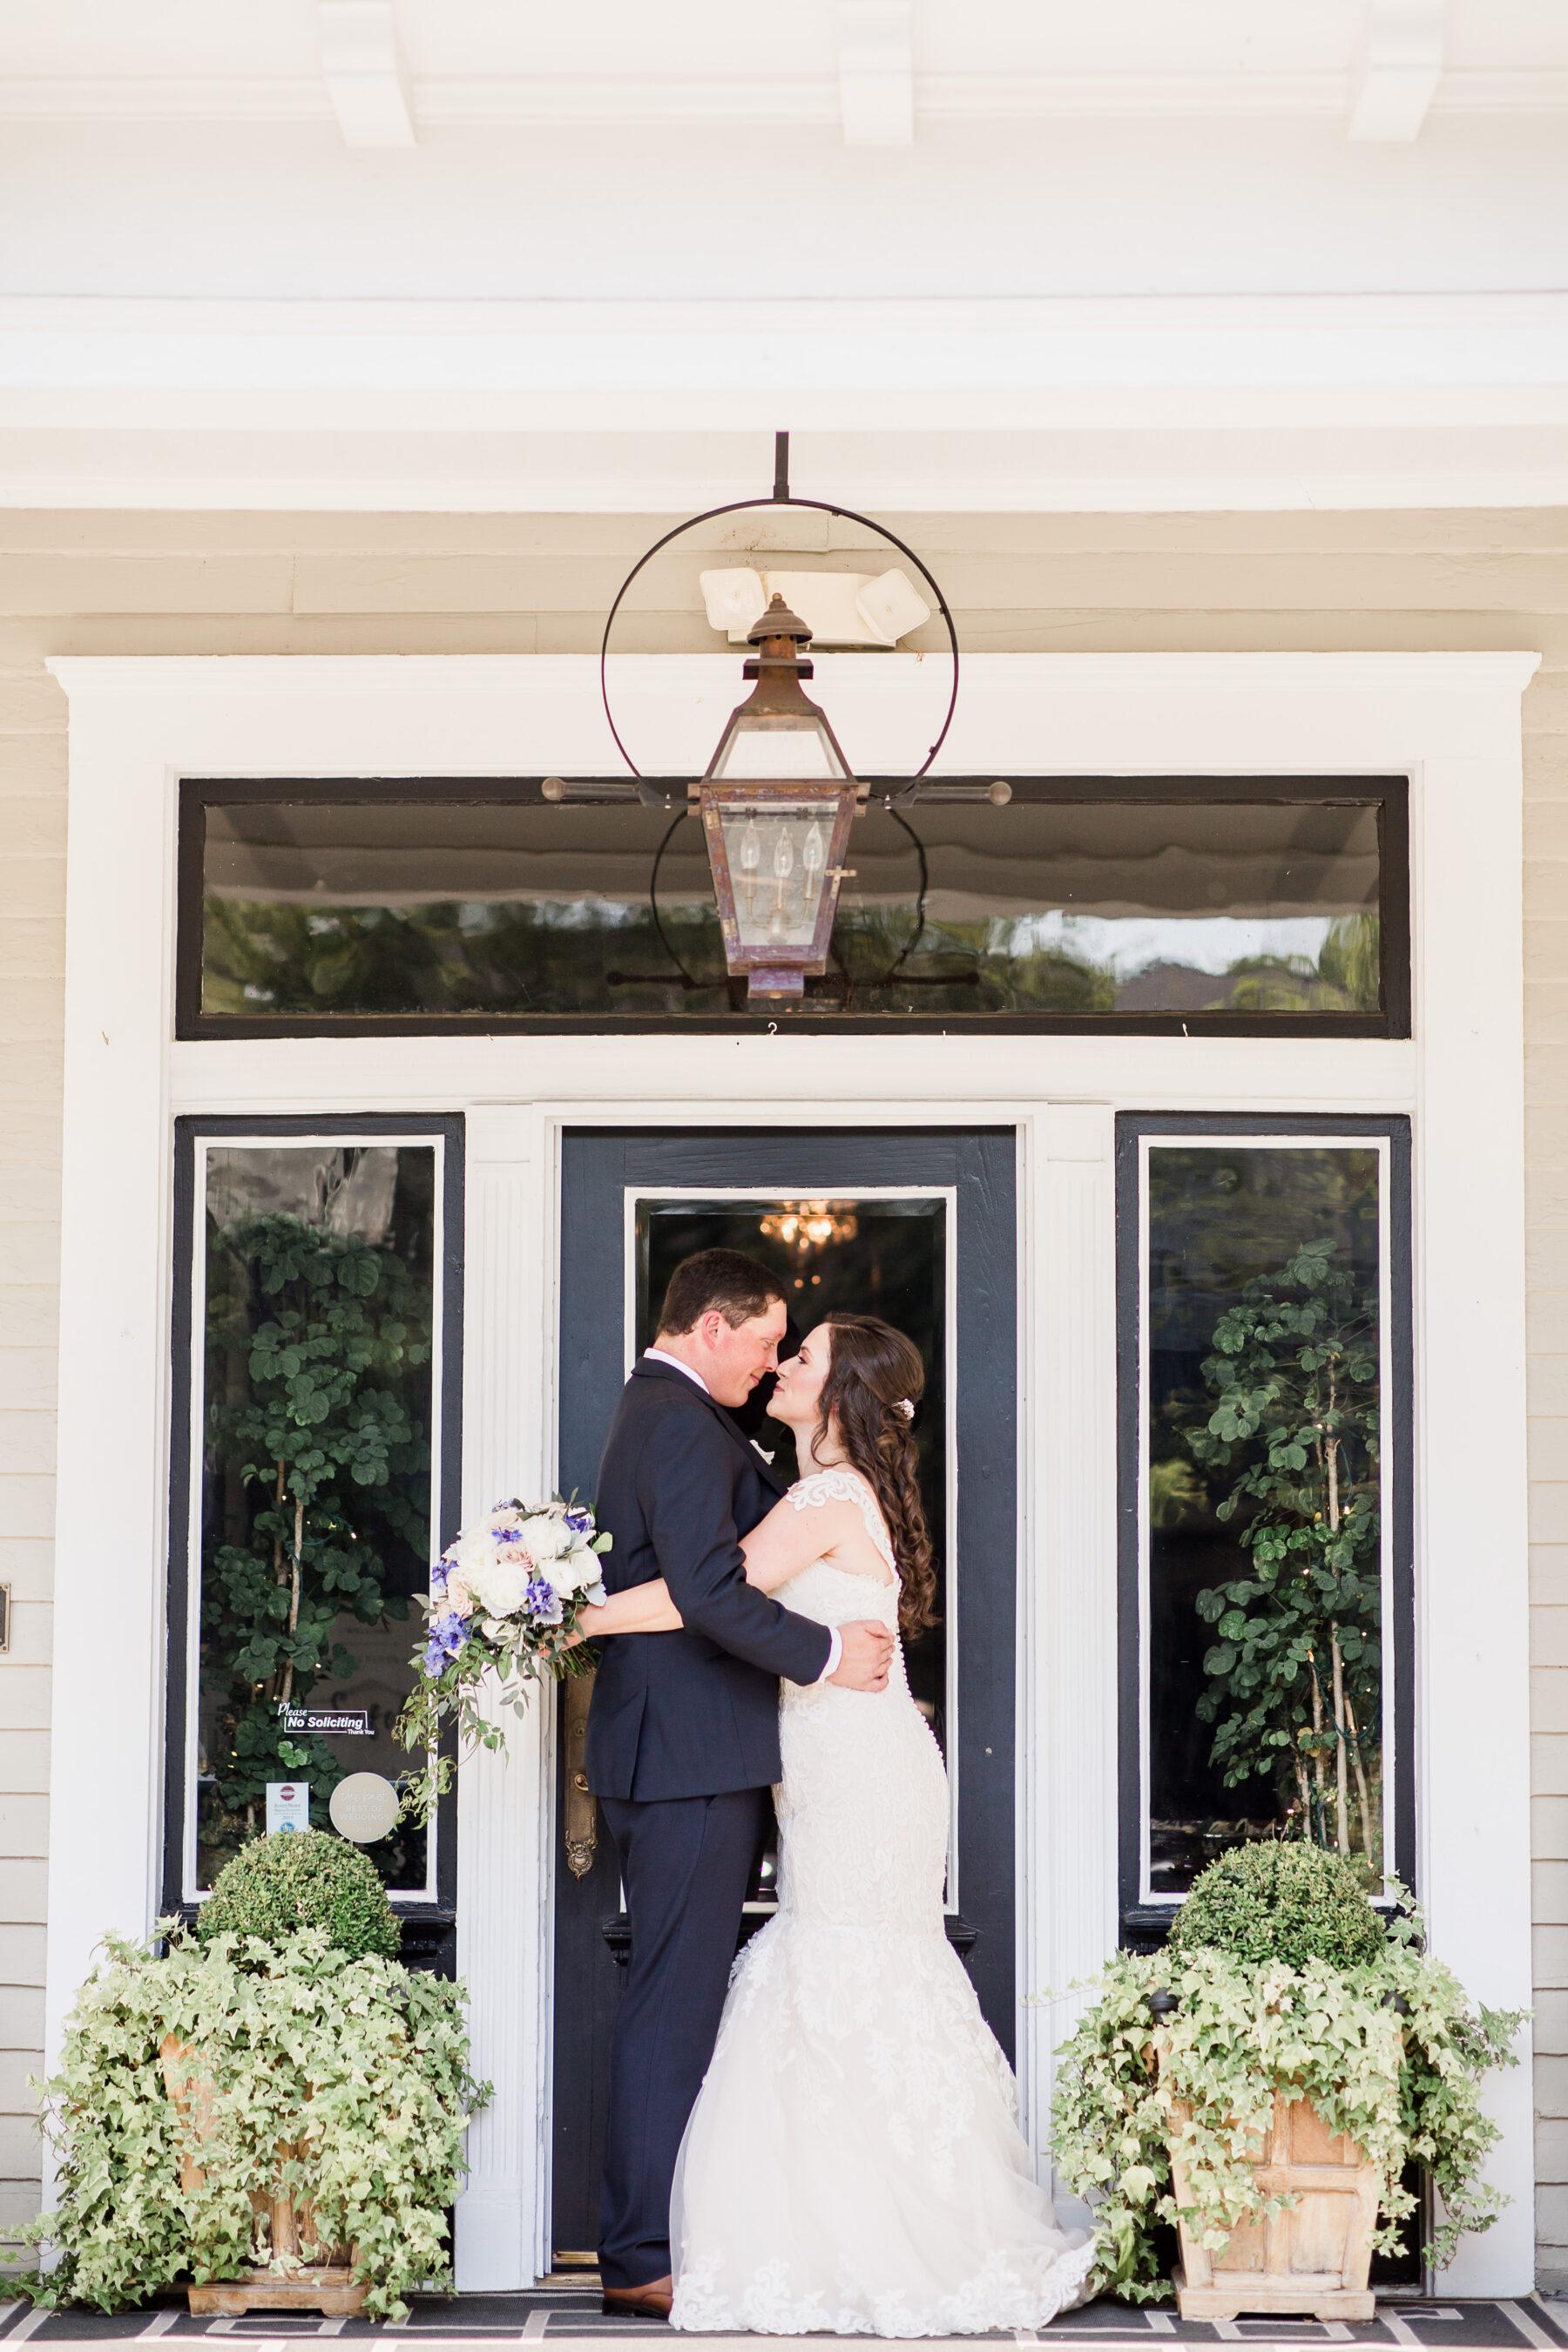 Romantic Garden Wedding at CJ's Off the Square   Nashville Bride Guide